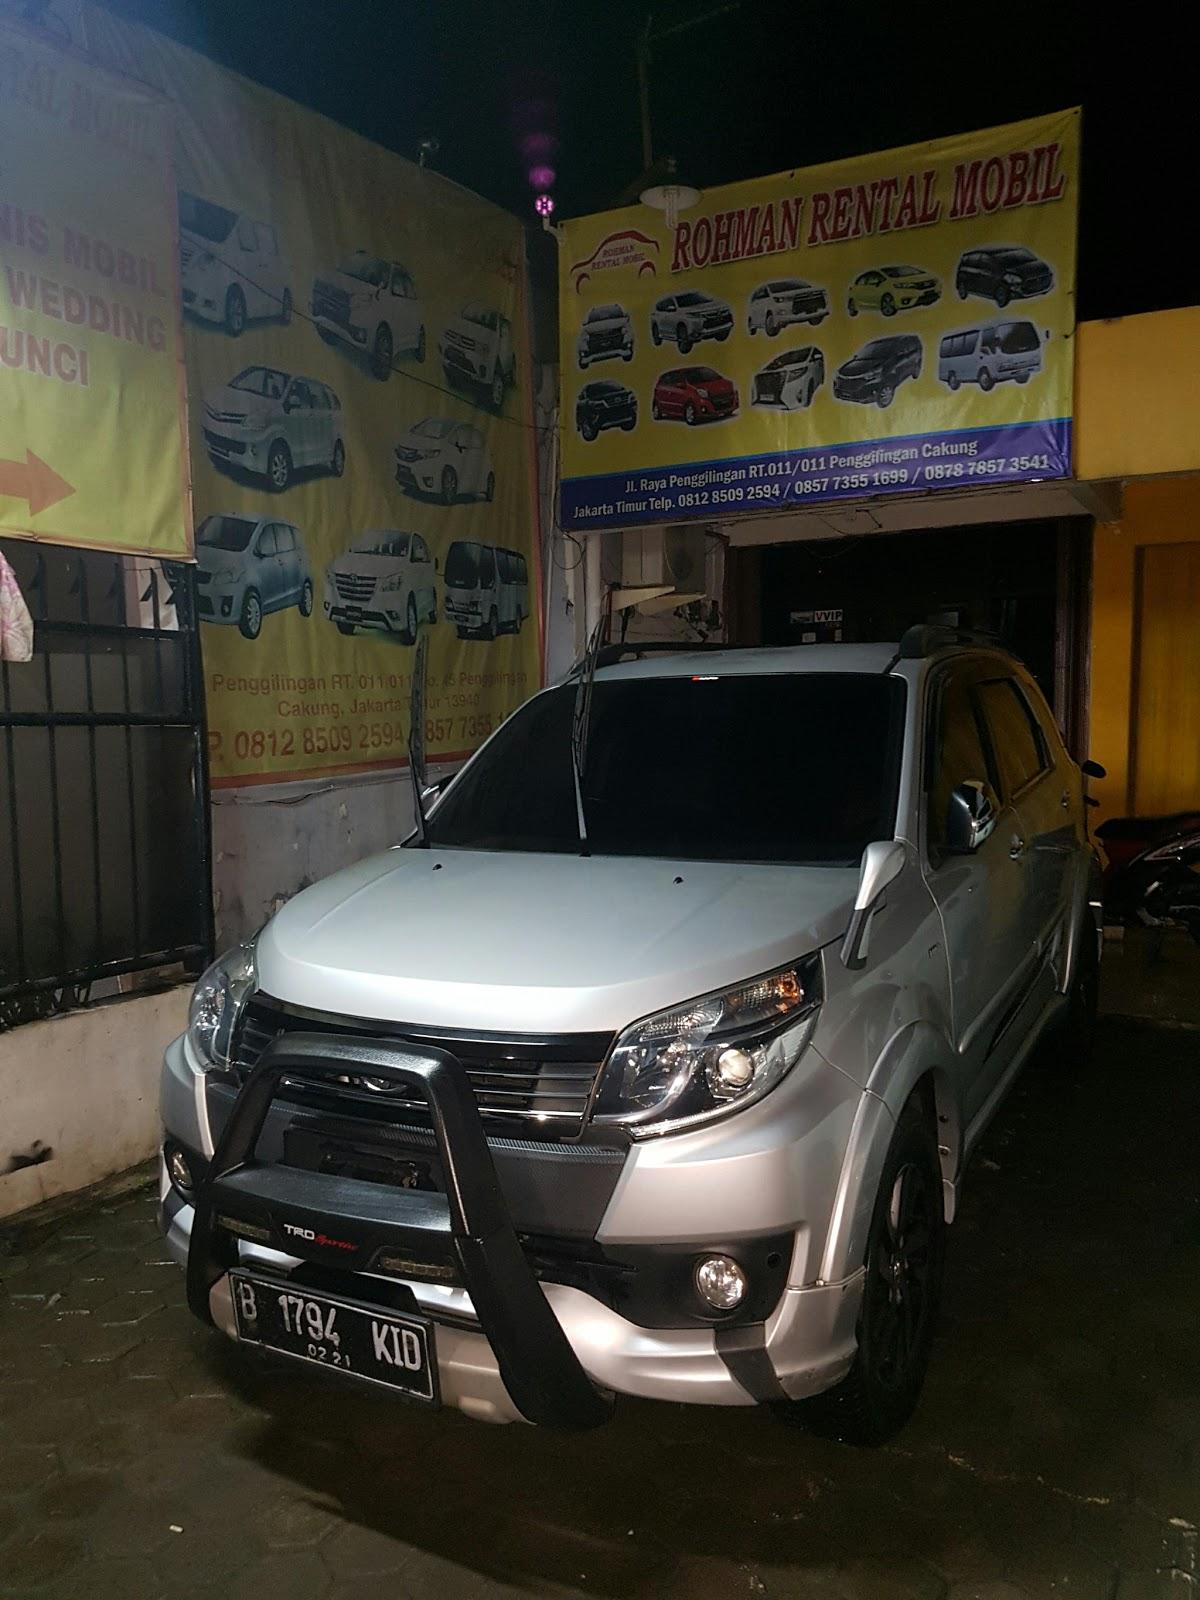 Rental Mobil Murah Di Jakarta 081285092594